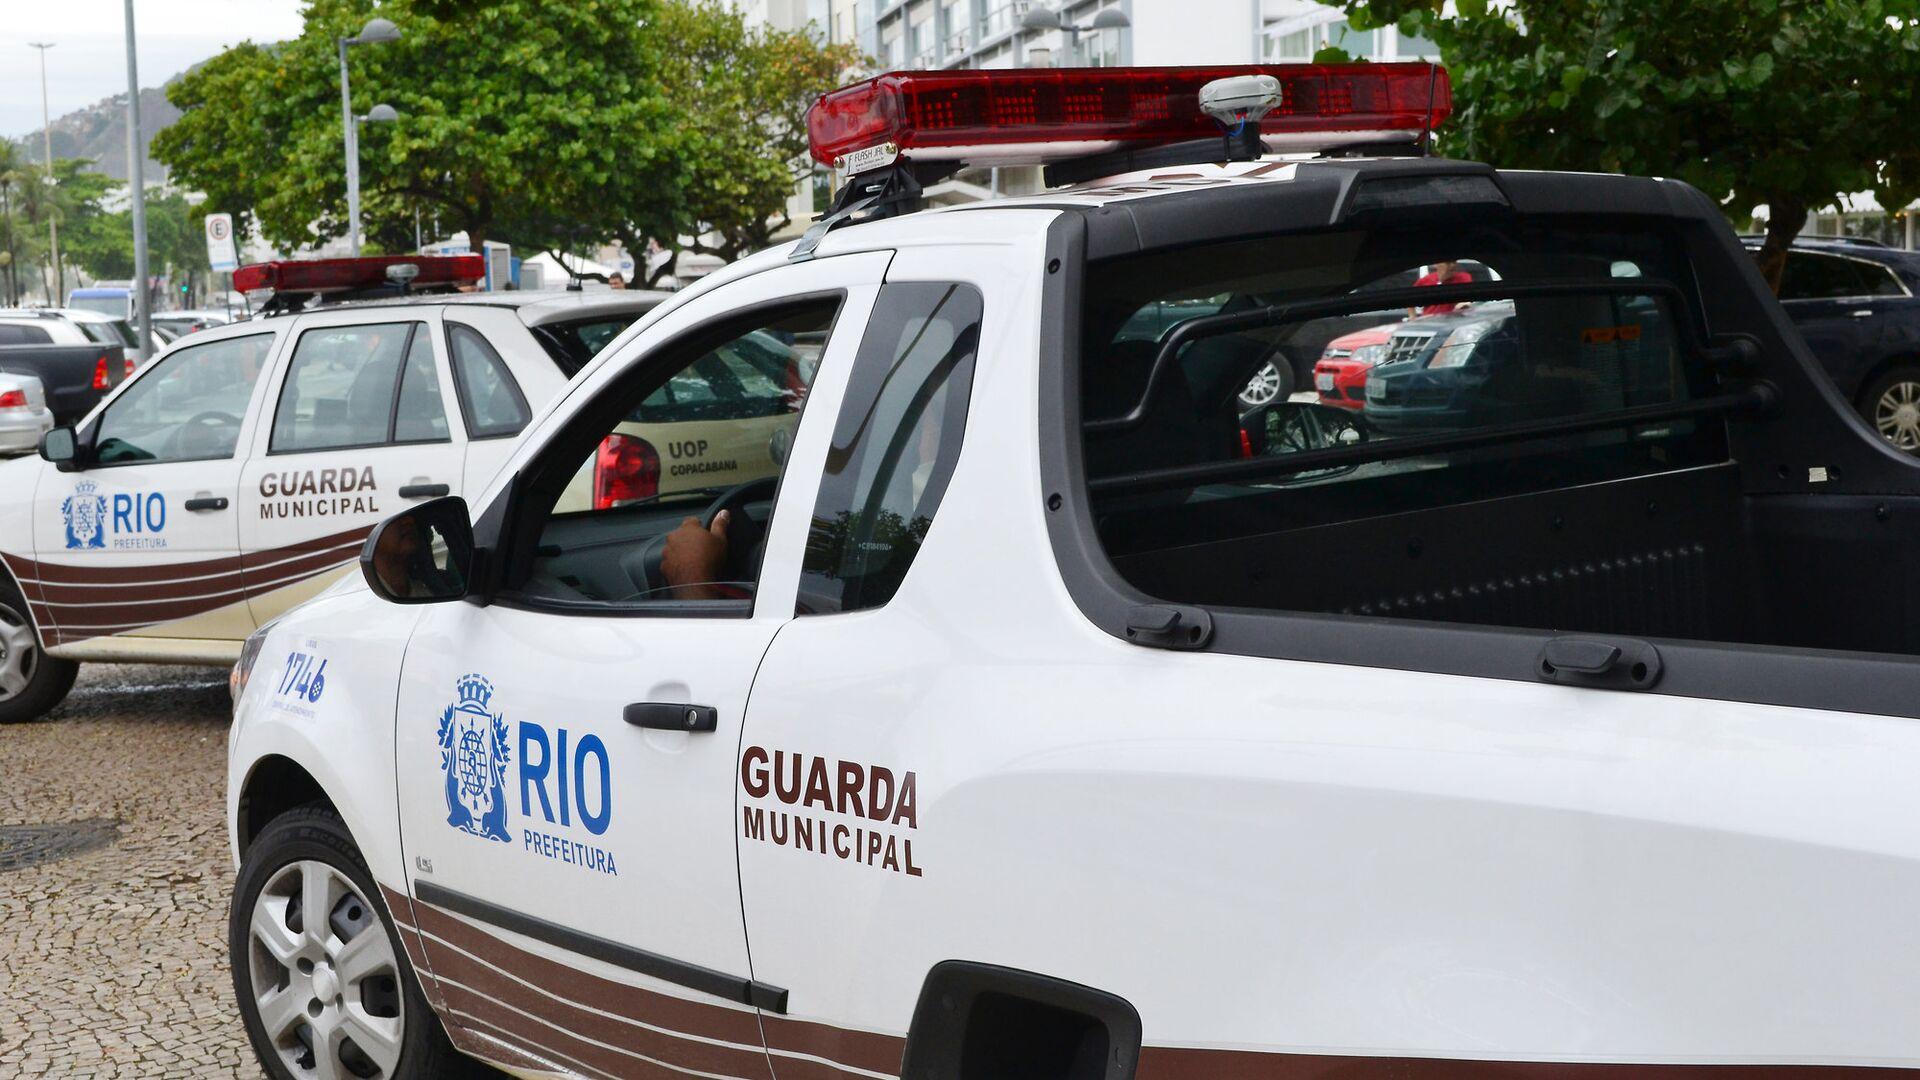 Автомобили полицейских в Рио-де-Жанейро, Бразилия - РИА Новости, 1920, 04.05.2021